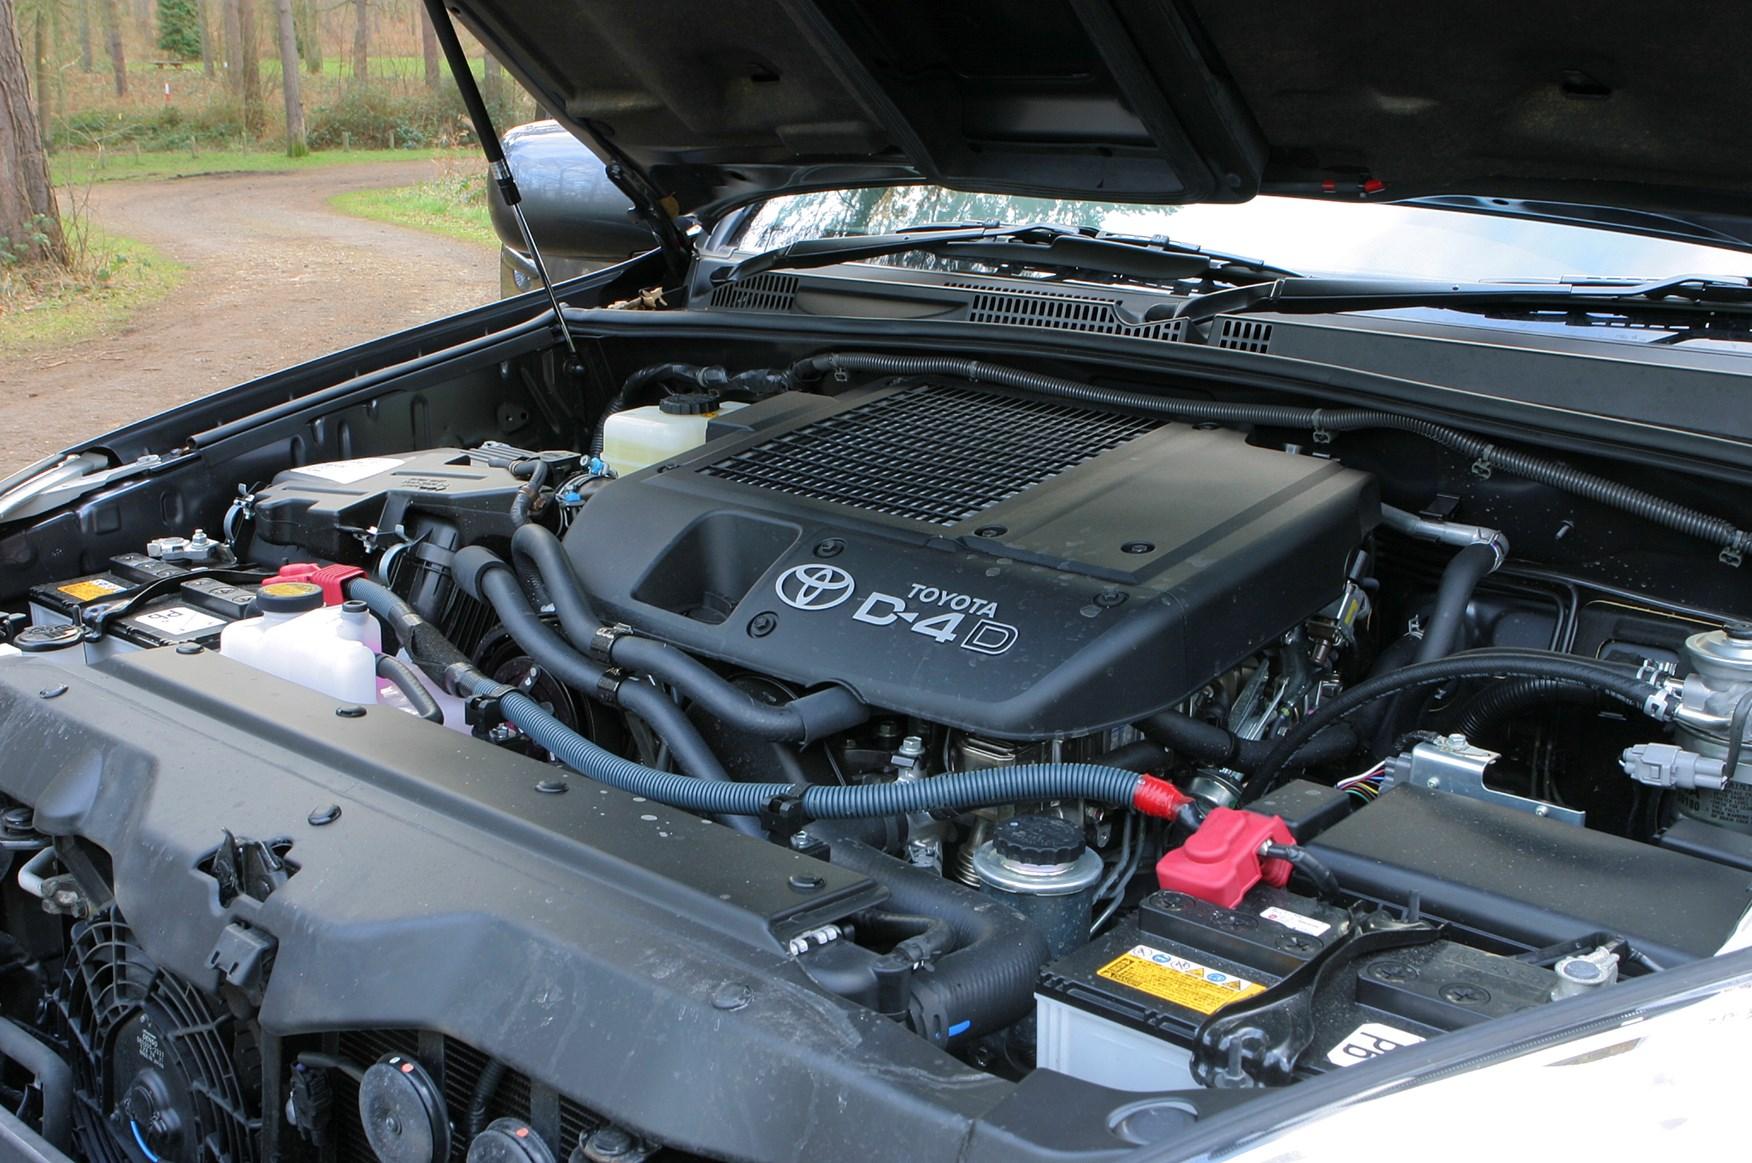 Двигатель Прадо 150 дизель 2.7 литра